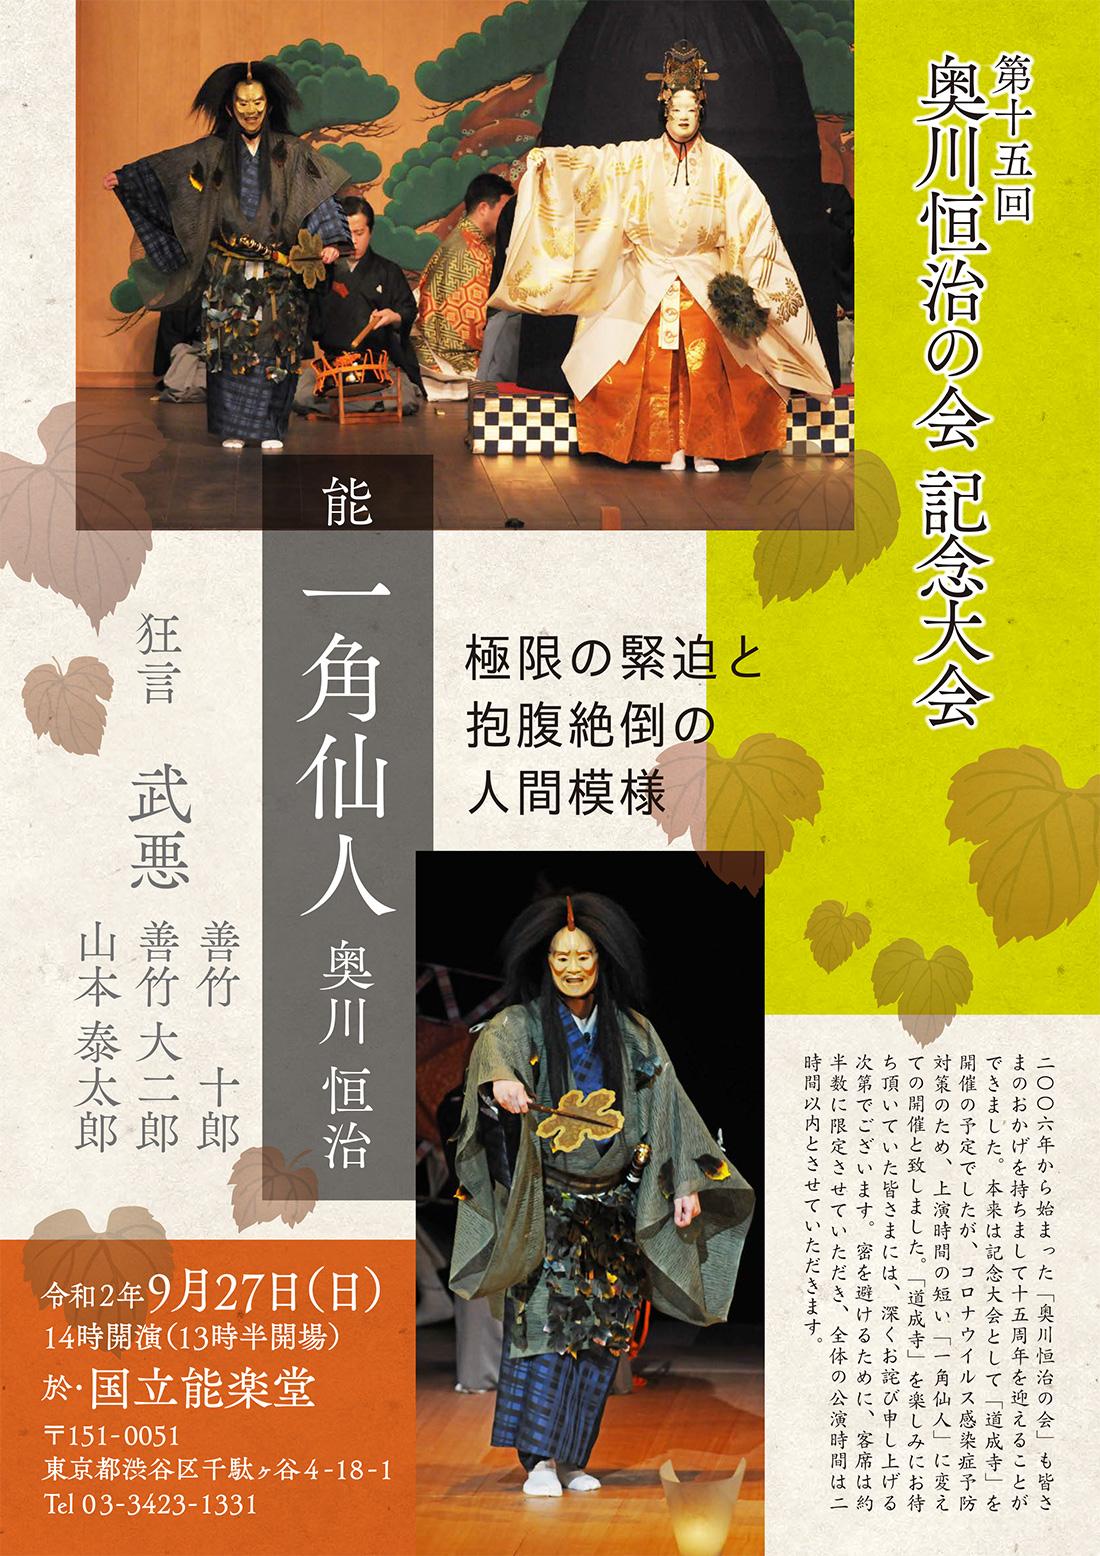 第15回奥川恒治の会 記念大会「一角仙人」